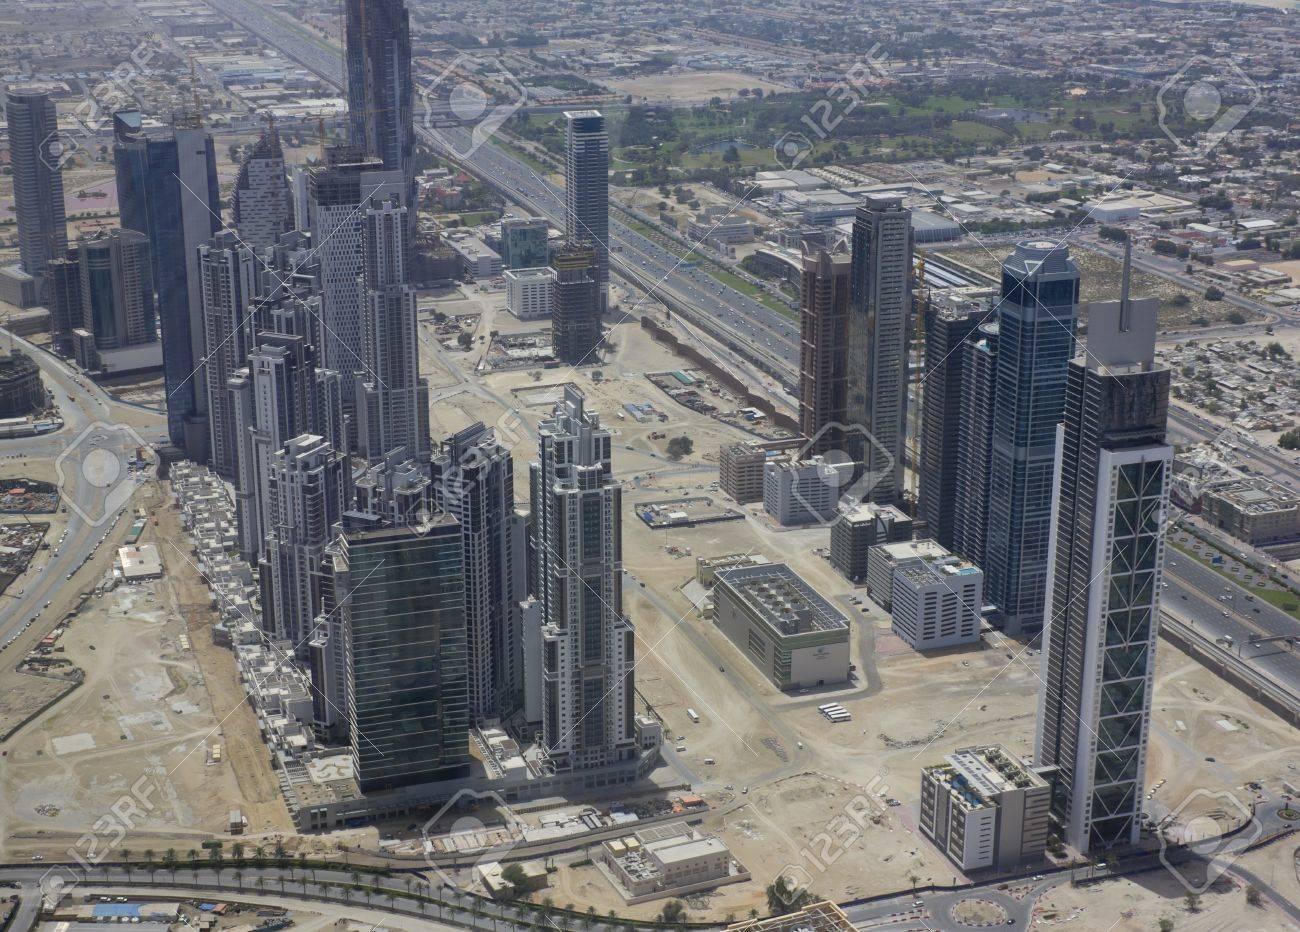 la vista desde arriba en dubai la torre ms alta del mundo burj dubai